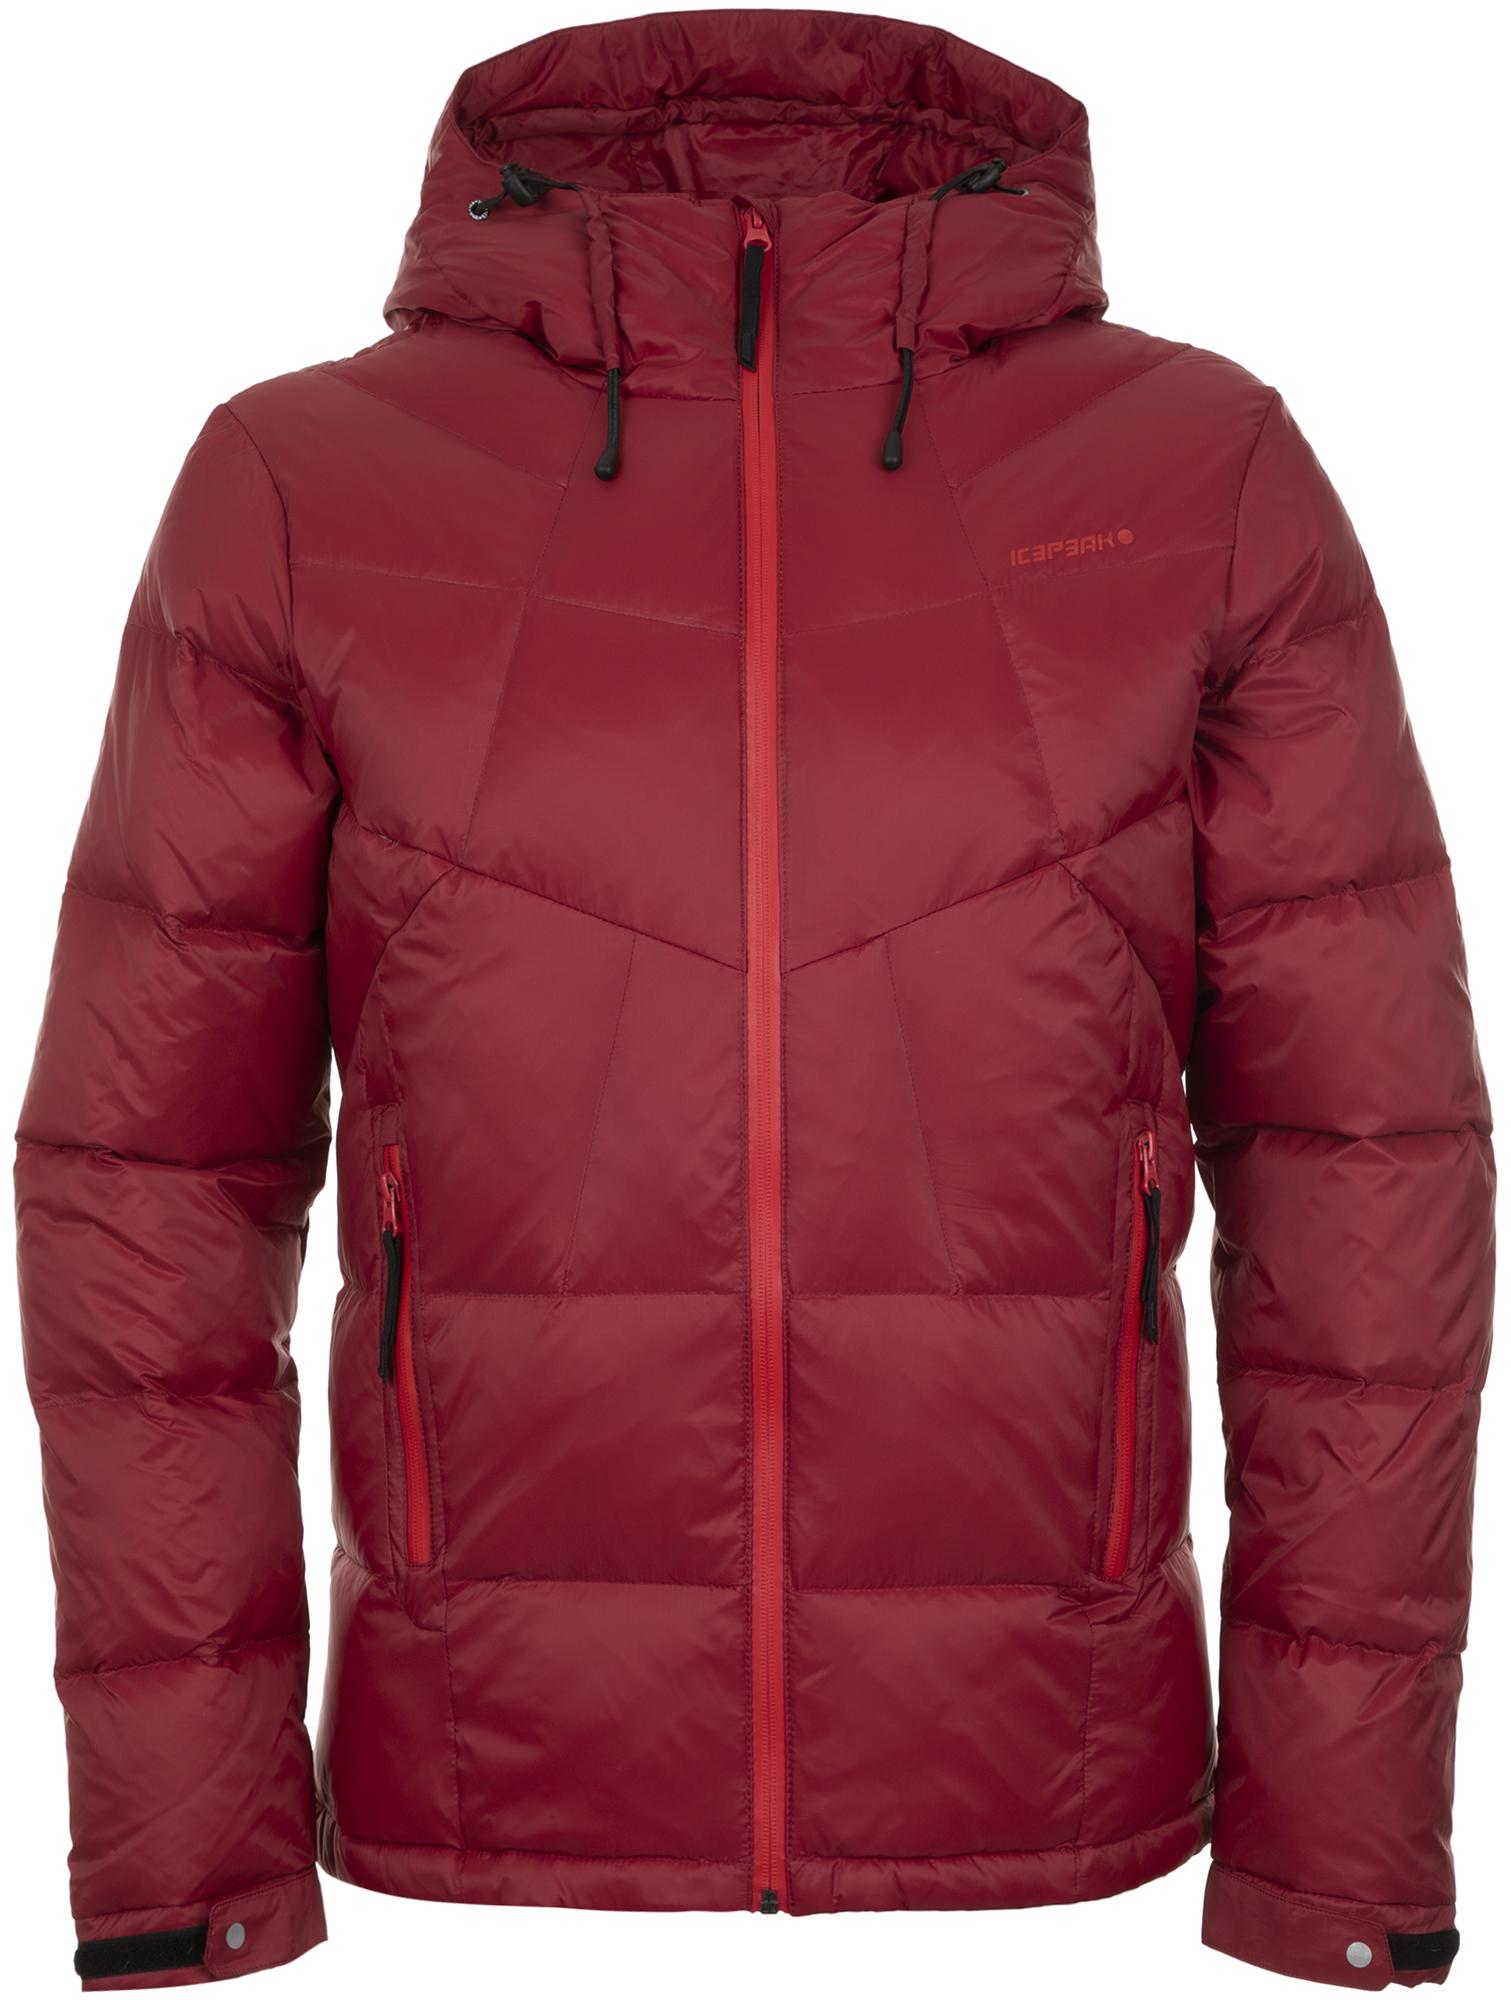 IcePeak Куртка пуховая мужская IcePeak Barak, размер 50 цены онлайн